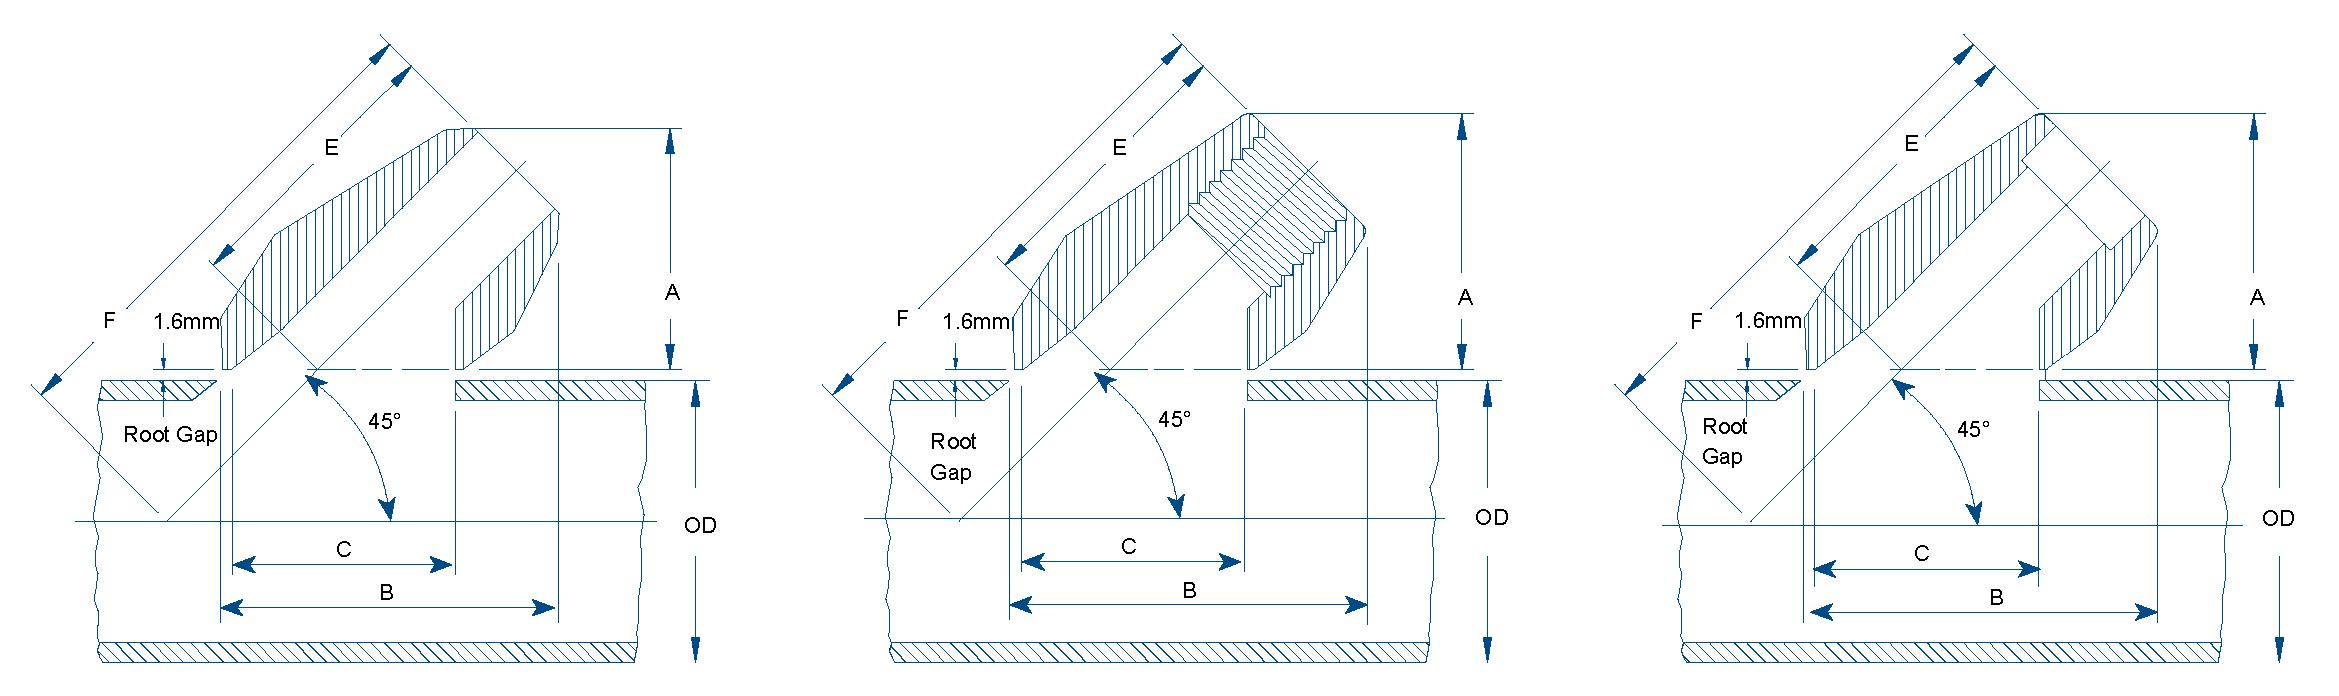 Latrolet and Latrolet Dimensions